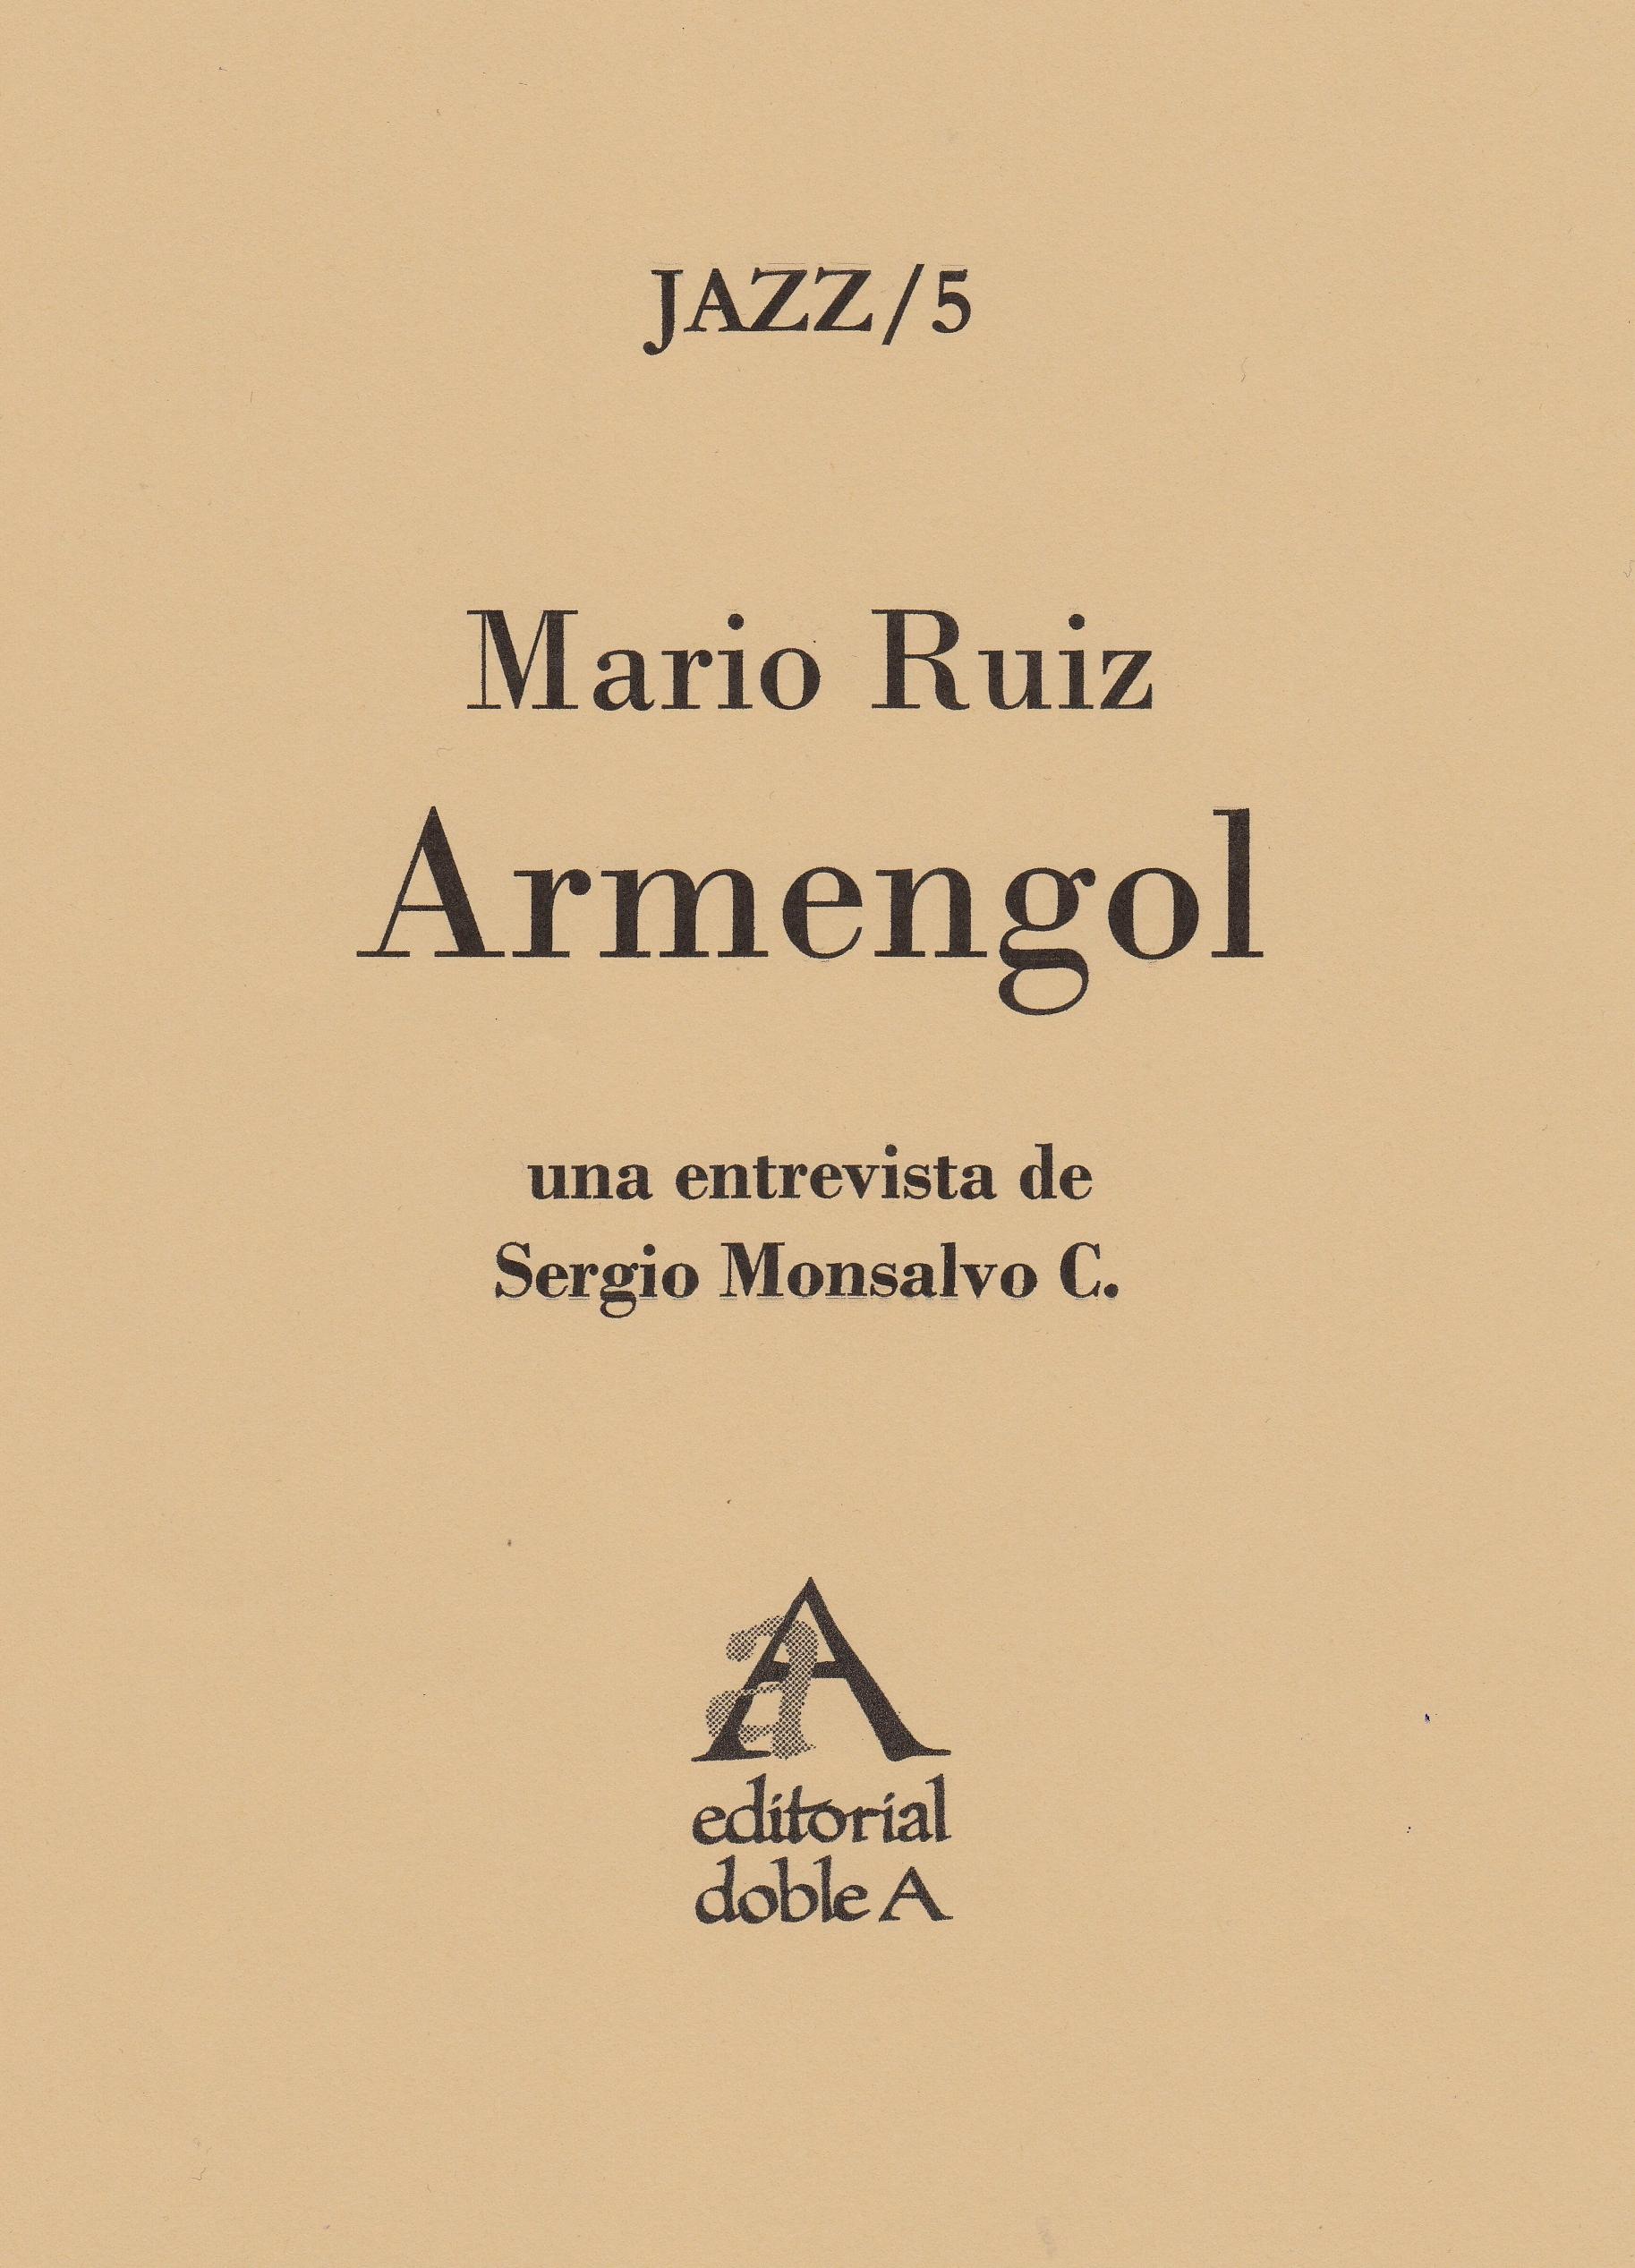 MARIO RUÍZ ARMENGOL (FOTO MUESTRARIO) - kopie